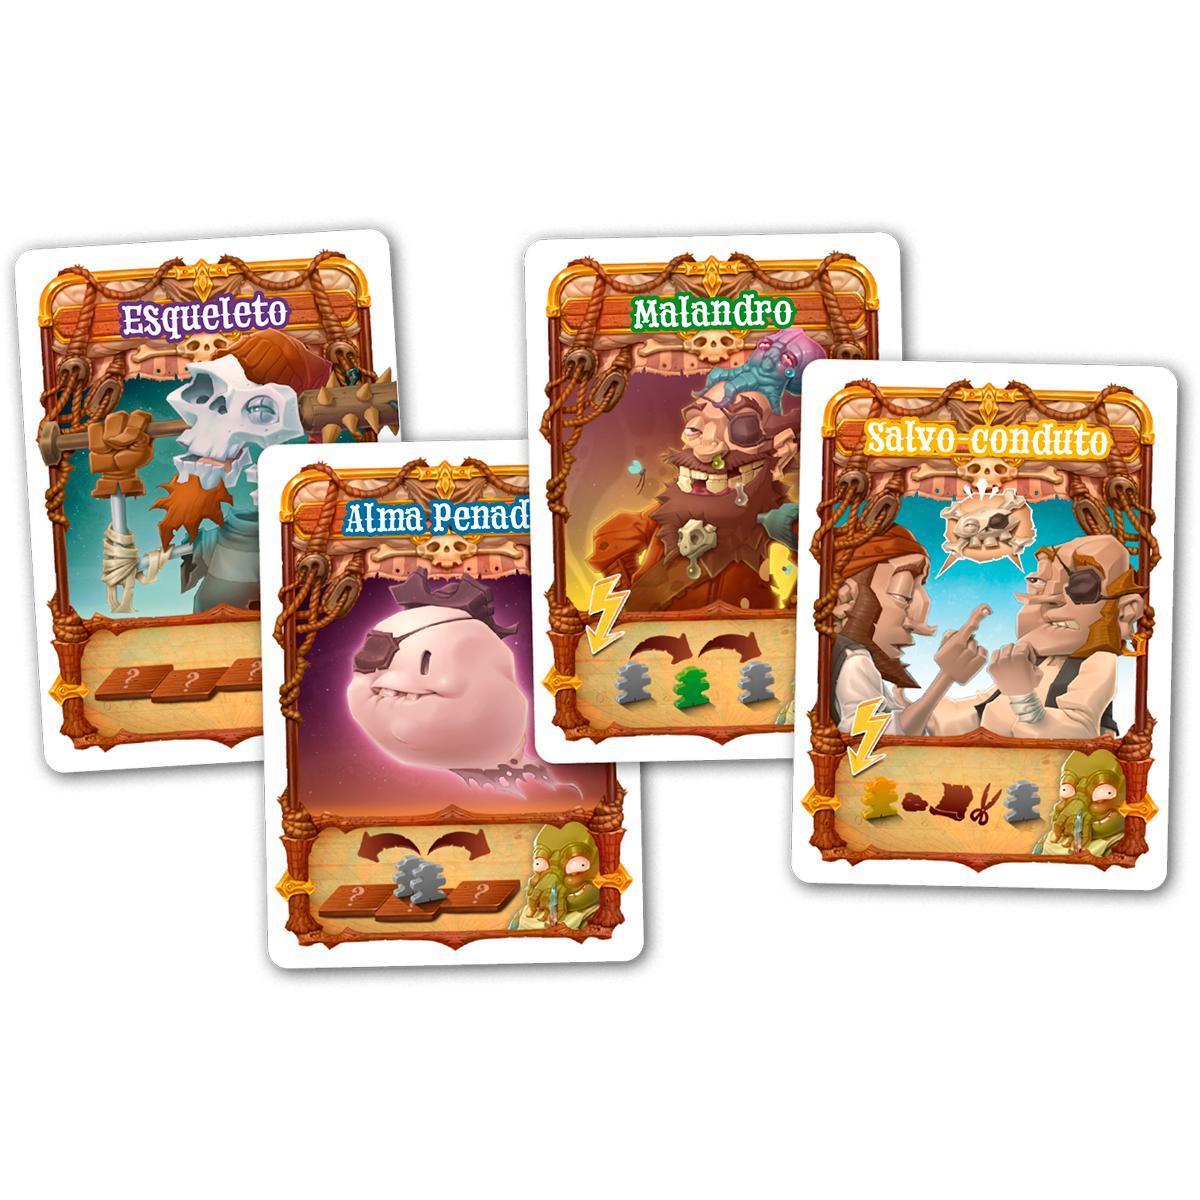 Walk The Plank Piratas Ao Mar Expansão Jogo de Cartas Paper Games